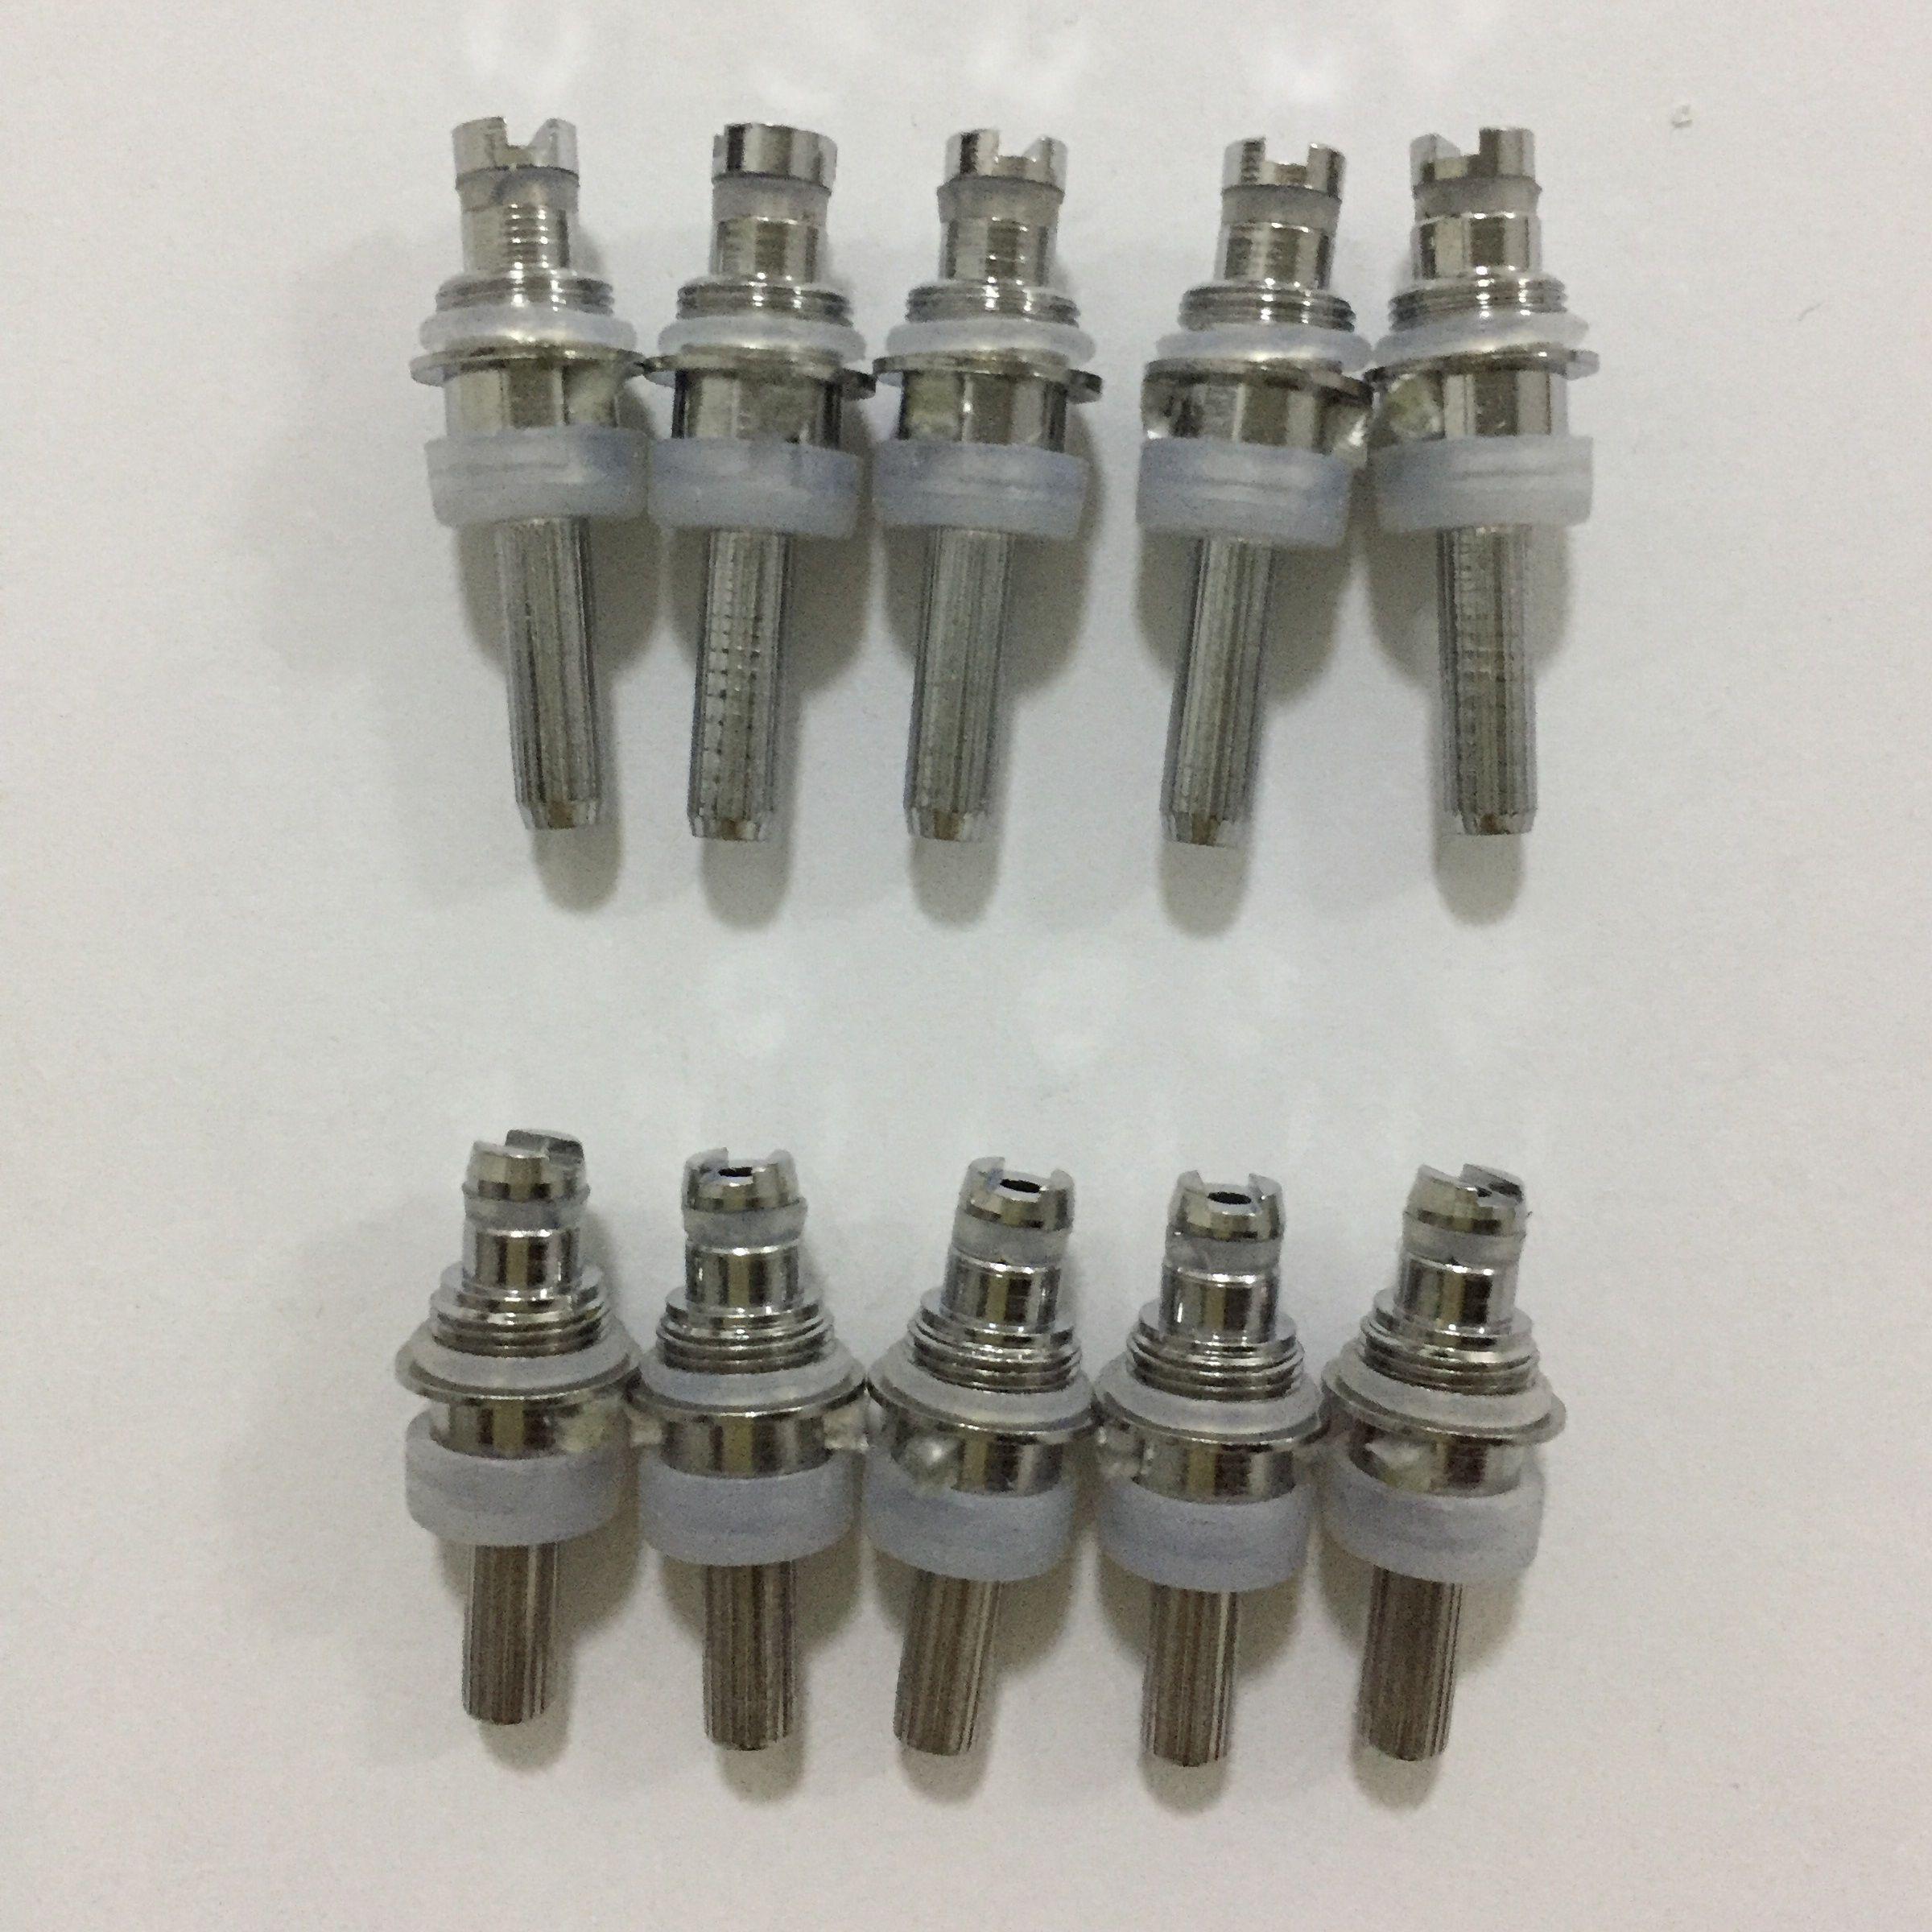 Atomizer Wymiana Cewka dla MT3 H2 T3S T4 Protan 1 2 Mini Protank Karomizer Clearomizer Wymiana Odpinana Head Head Bestvorseller